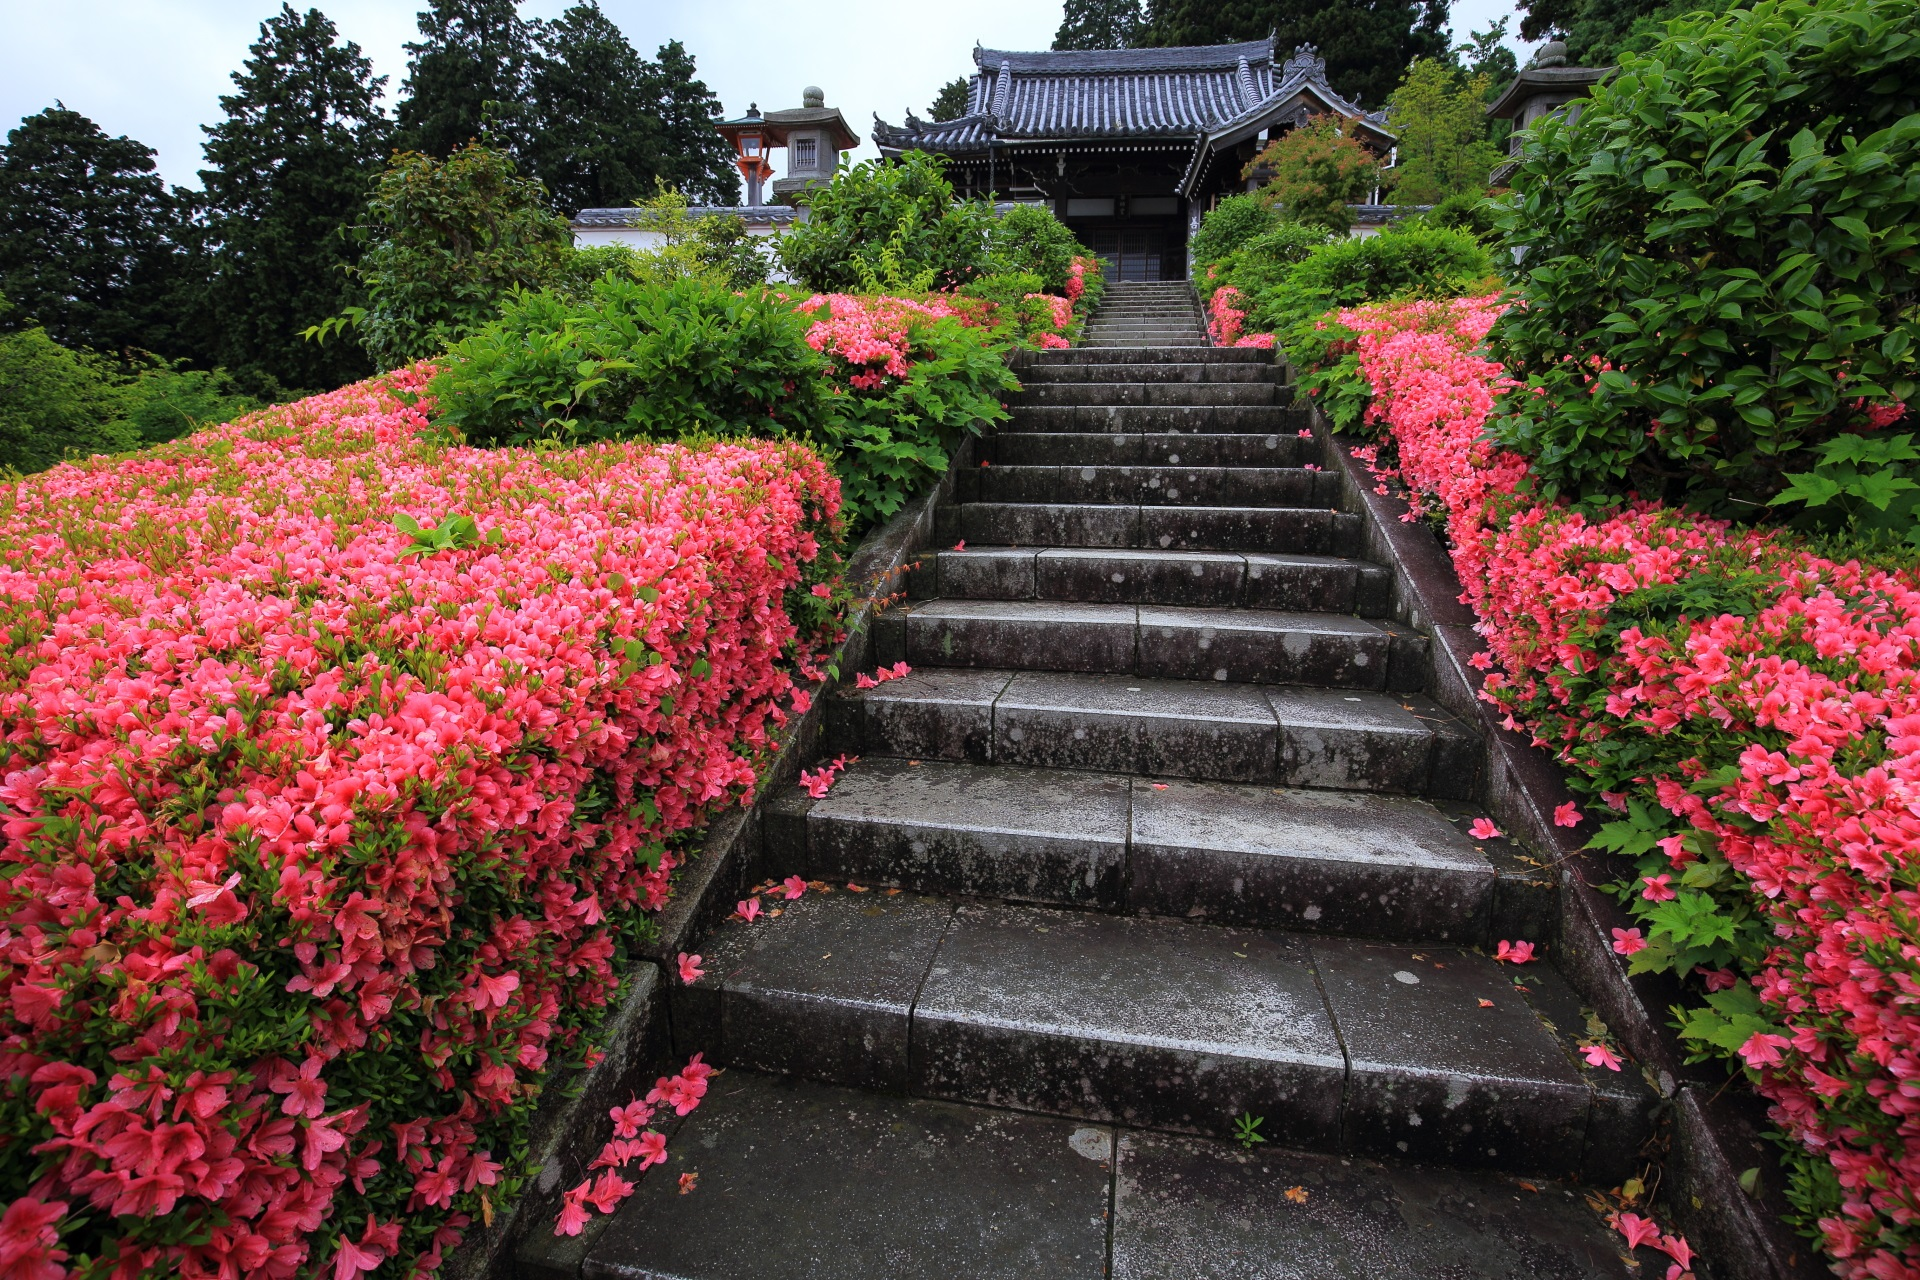 サツキがまだまだ豪快に咲く薬師堂前の石段